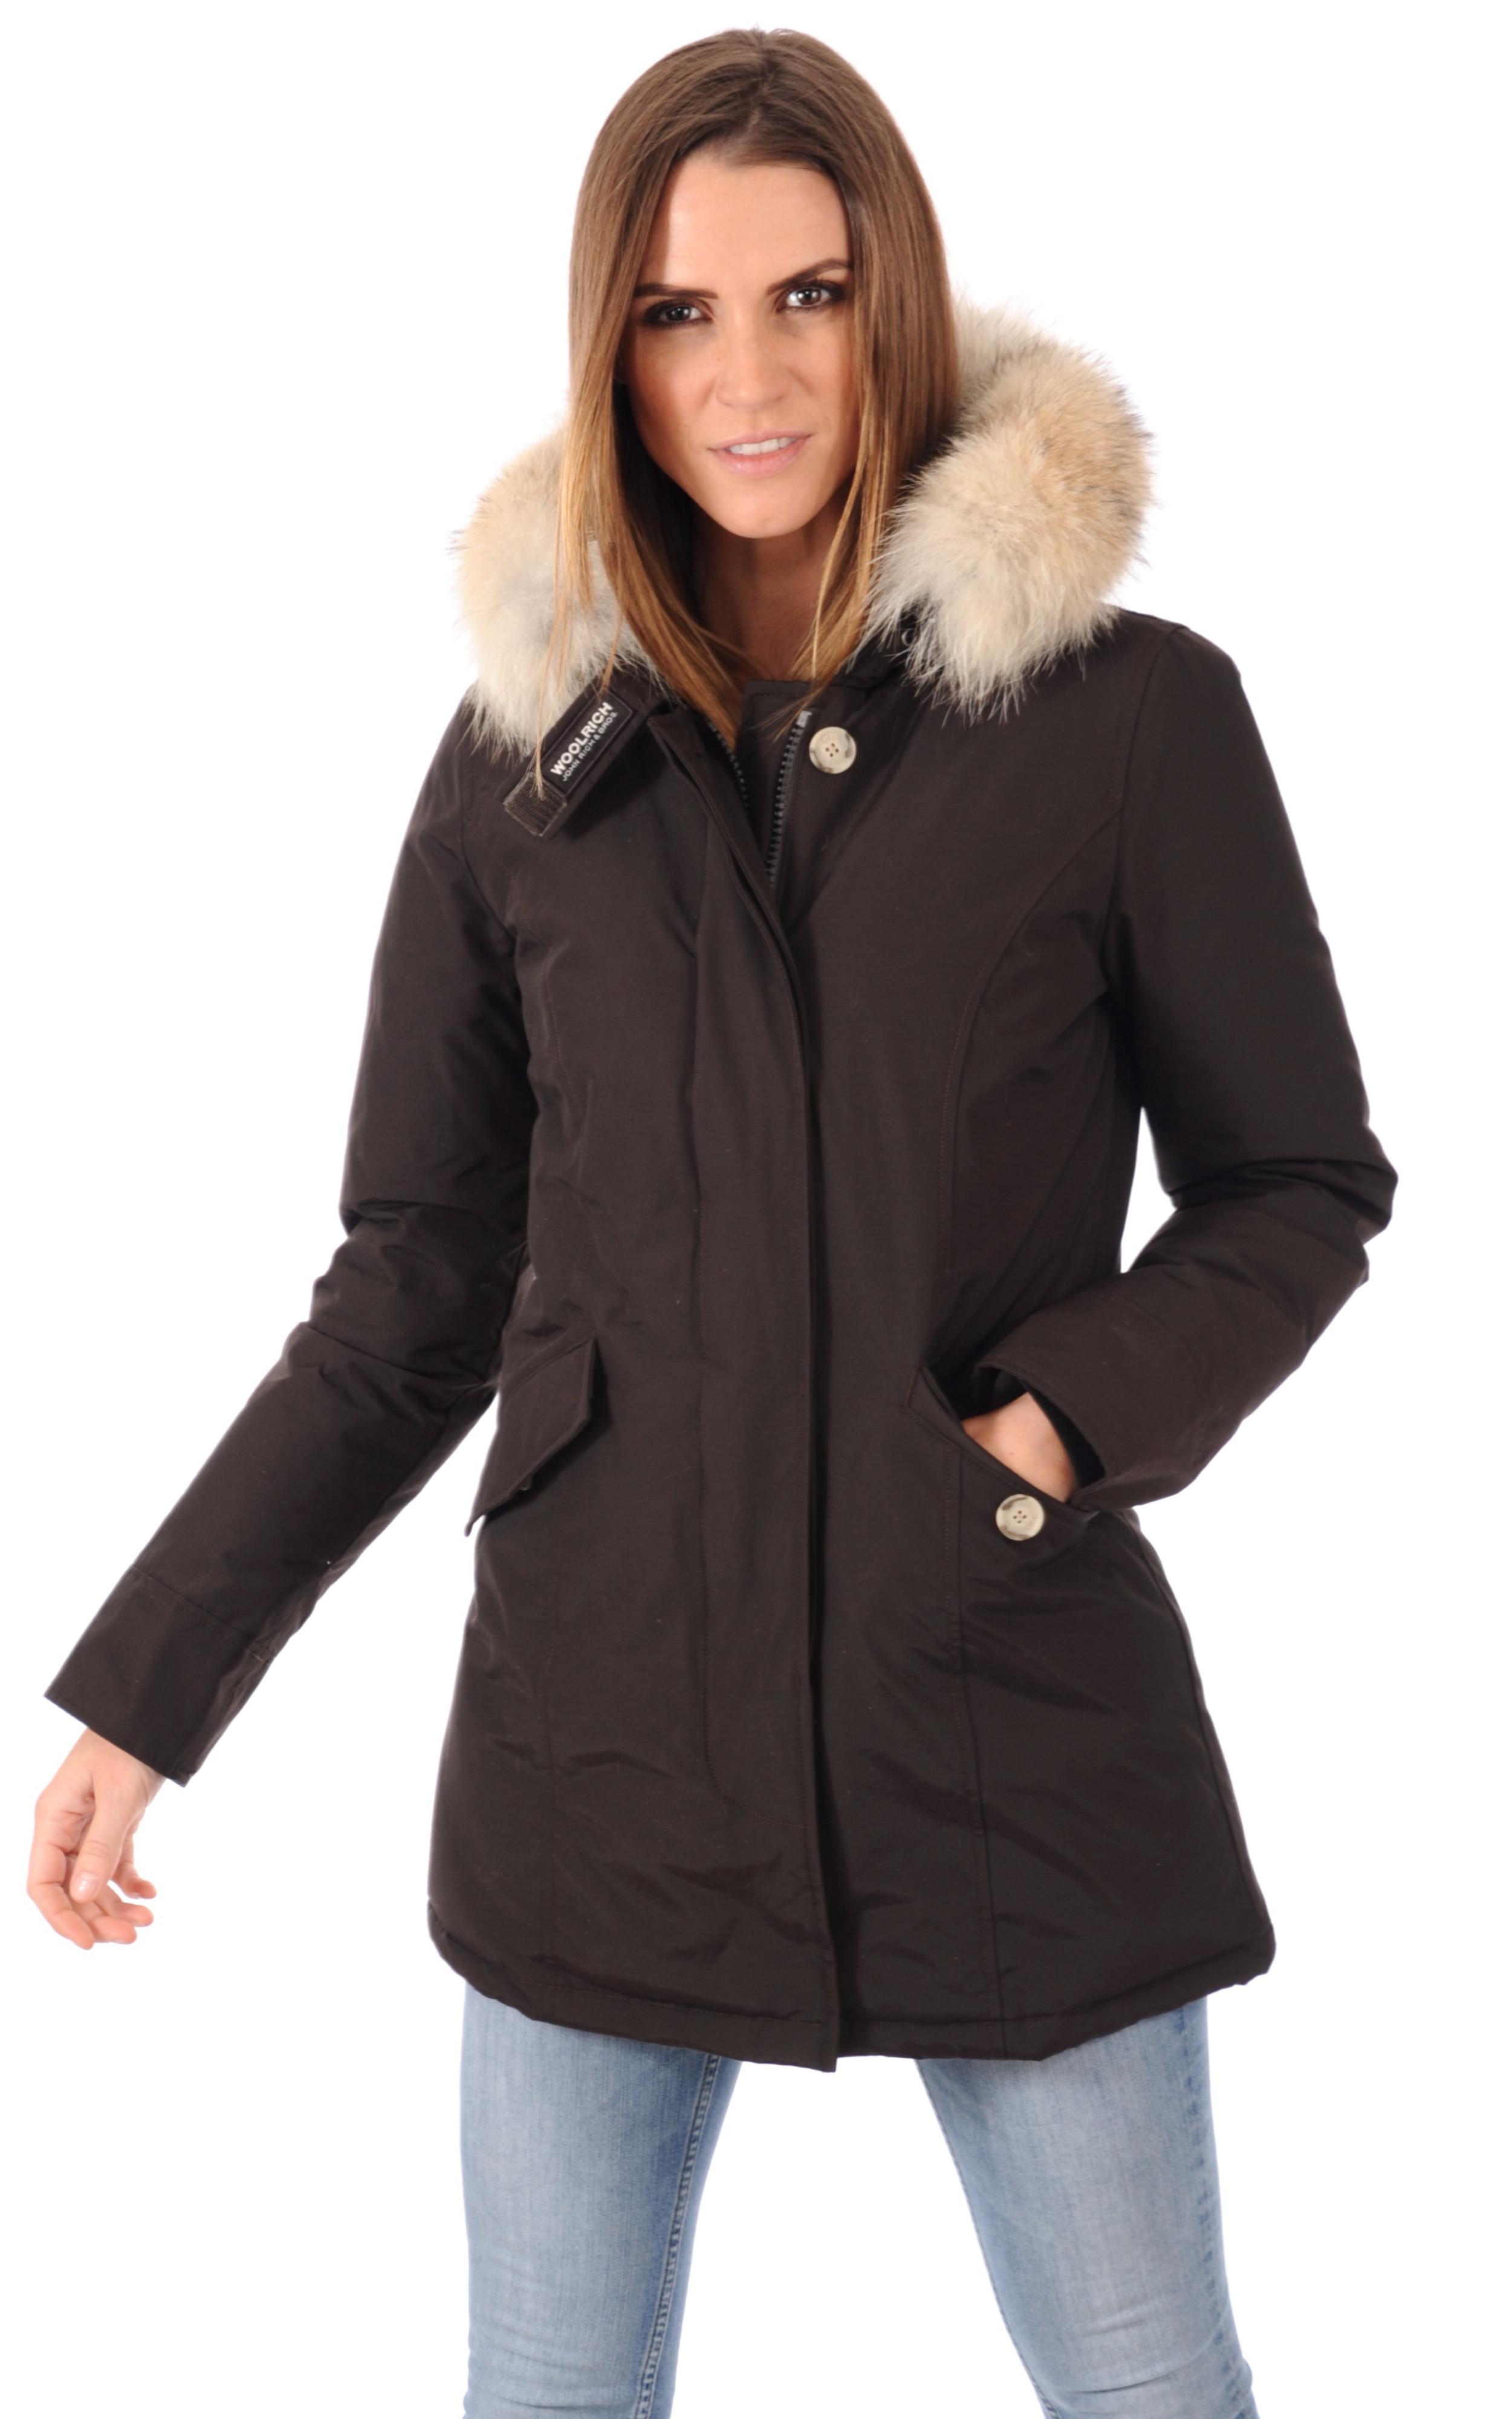 parka femme marron woolrich la canadienne doudoune parka textile brown. Black Bedroom Furniture Sets. Home Design Ideas